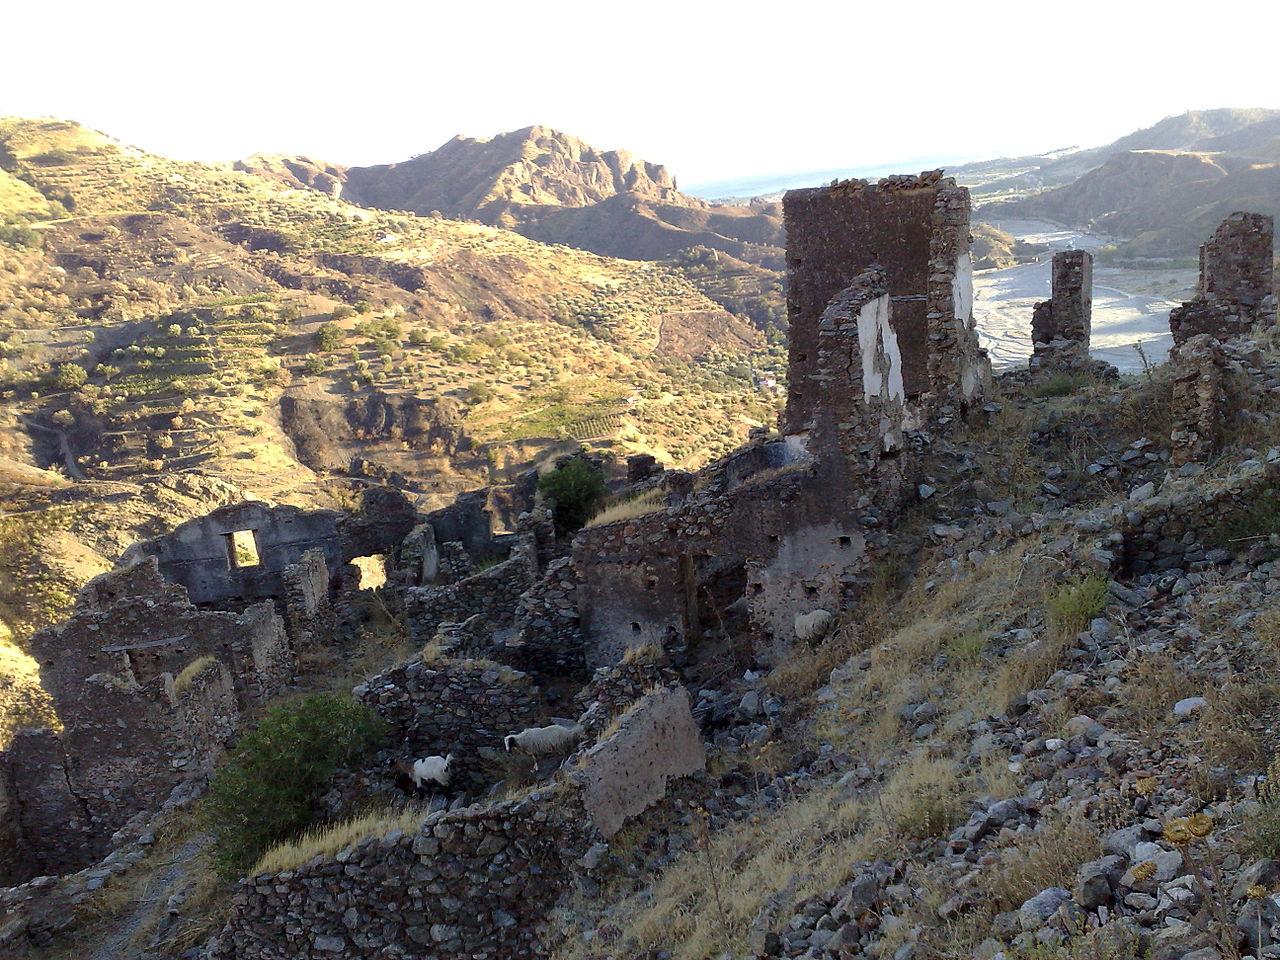 Castello Ruffo di Amendolea - Province of Reggio Calabria, Italy - Sept. 2008 - (2).jpg